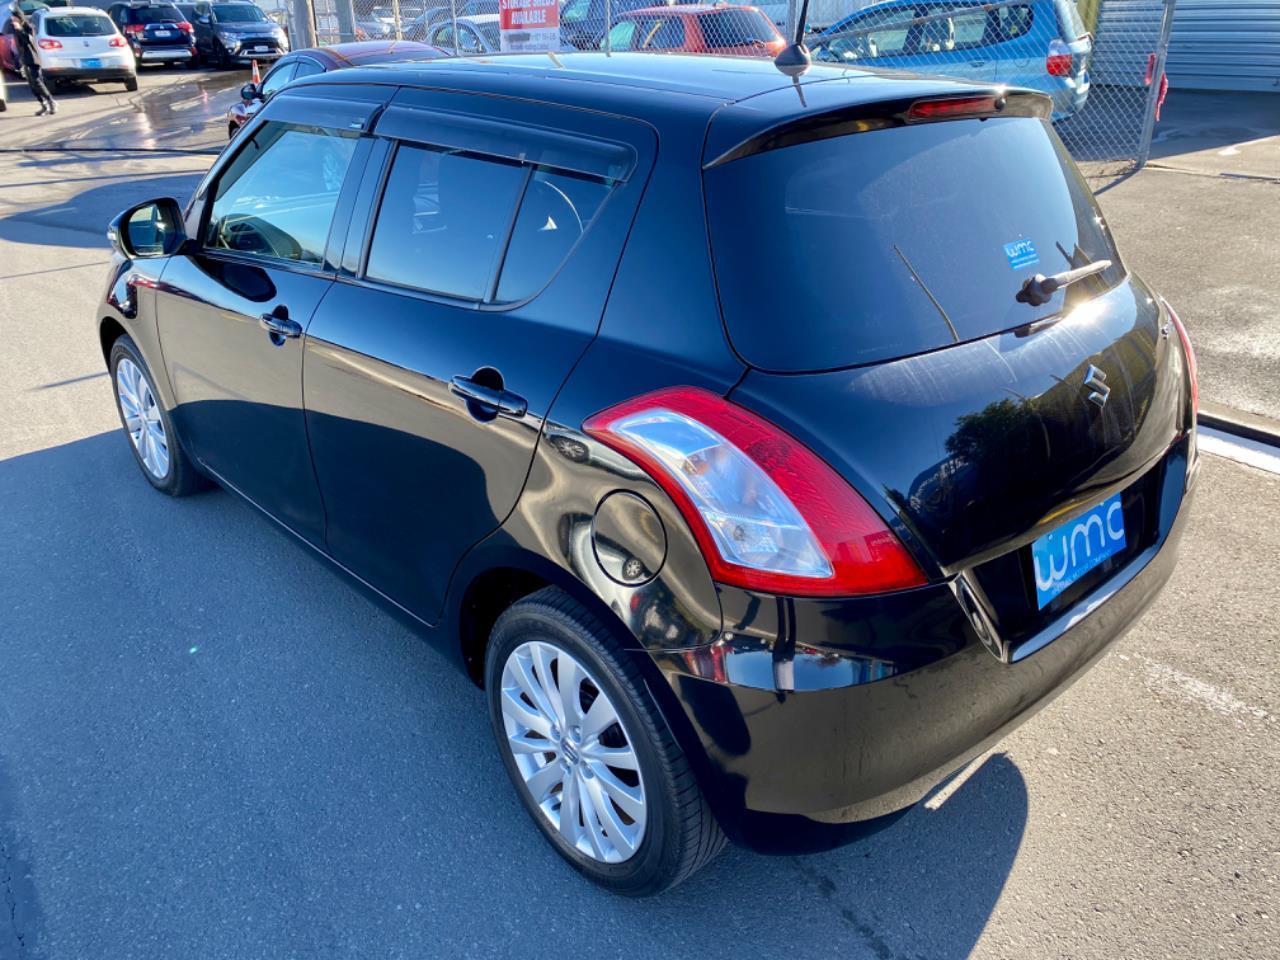 image-4, 2010 Suzuki Swift 1.2lt XL Hatchback at Christchurch